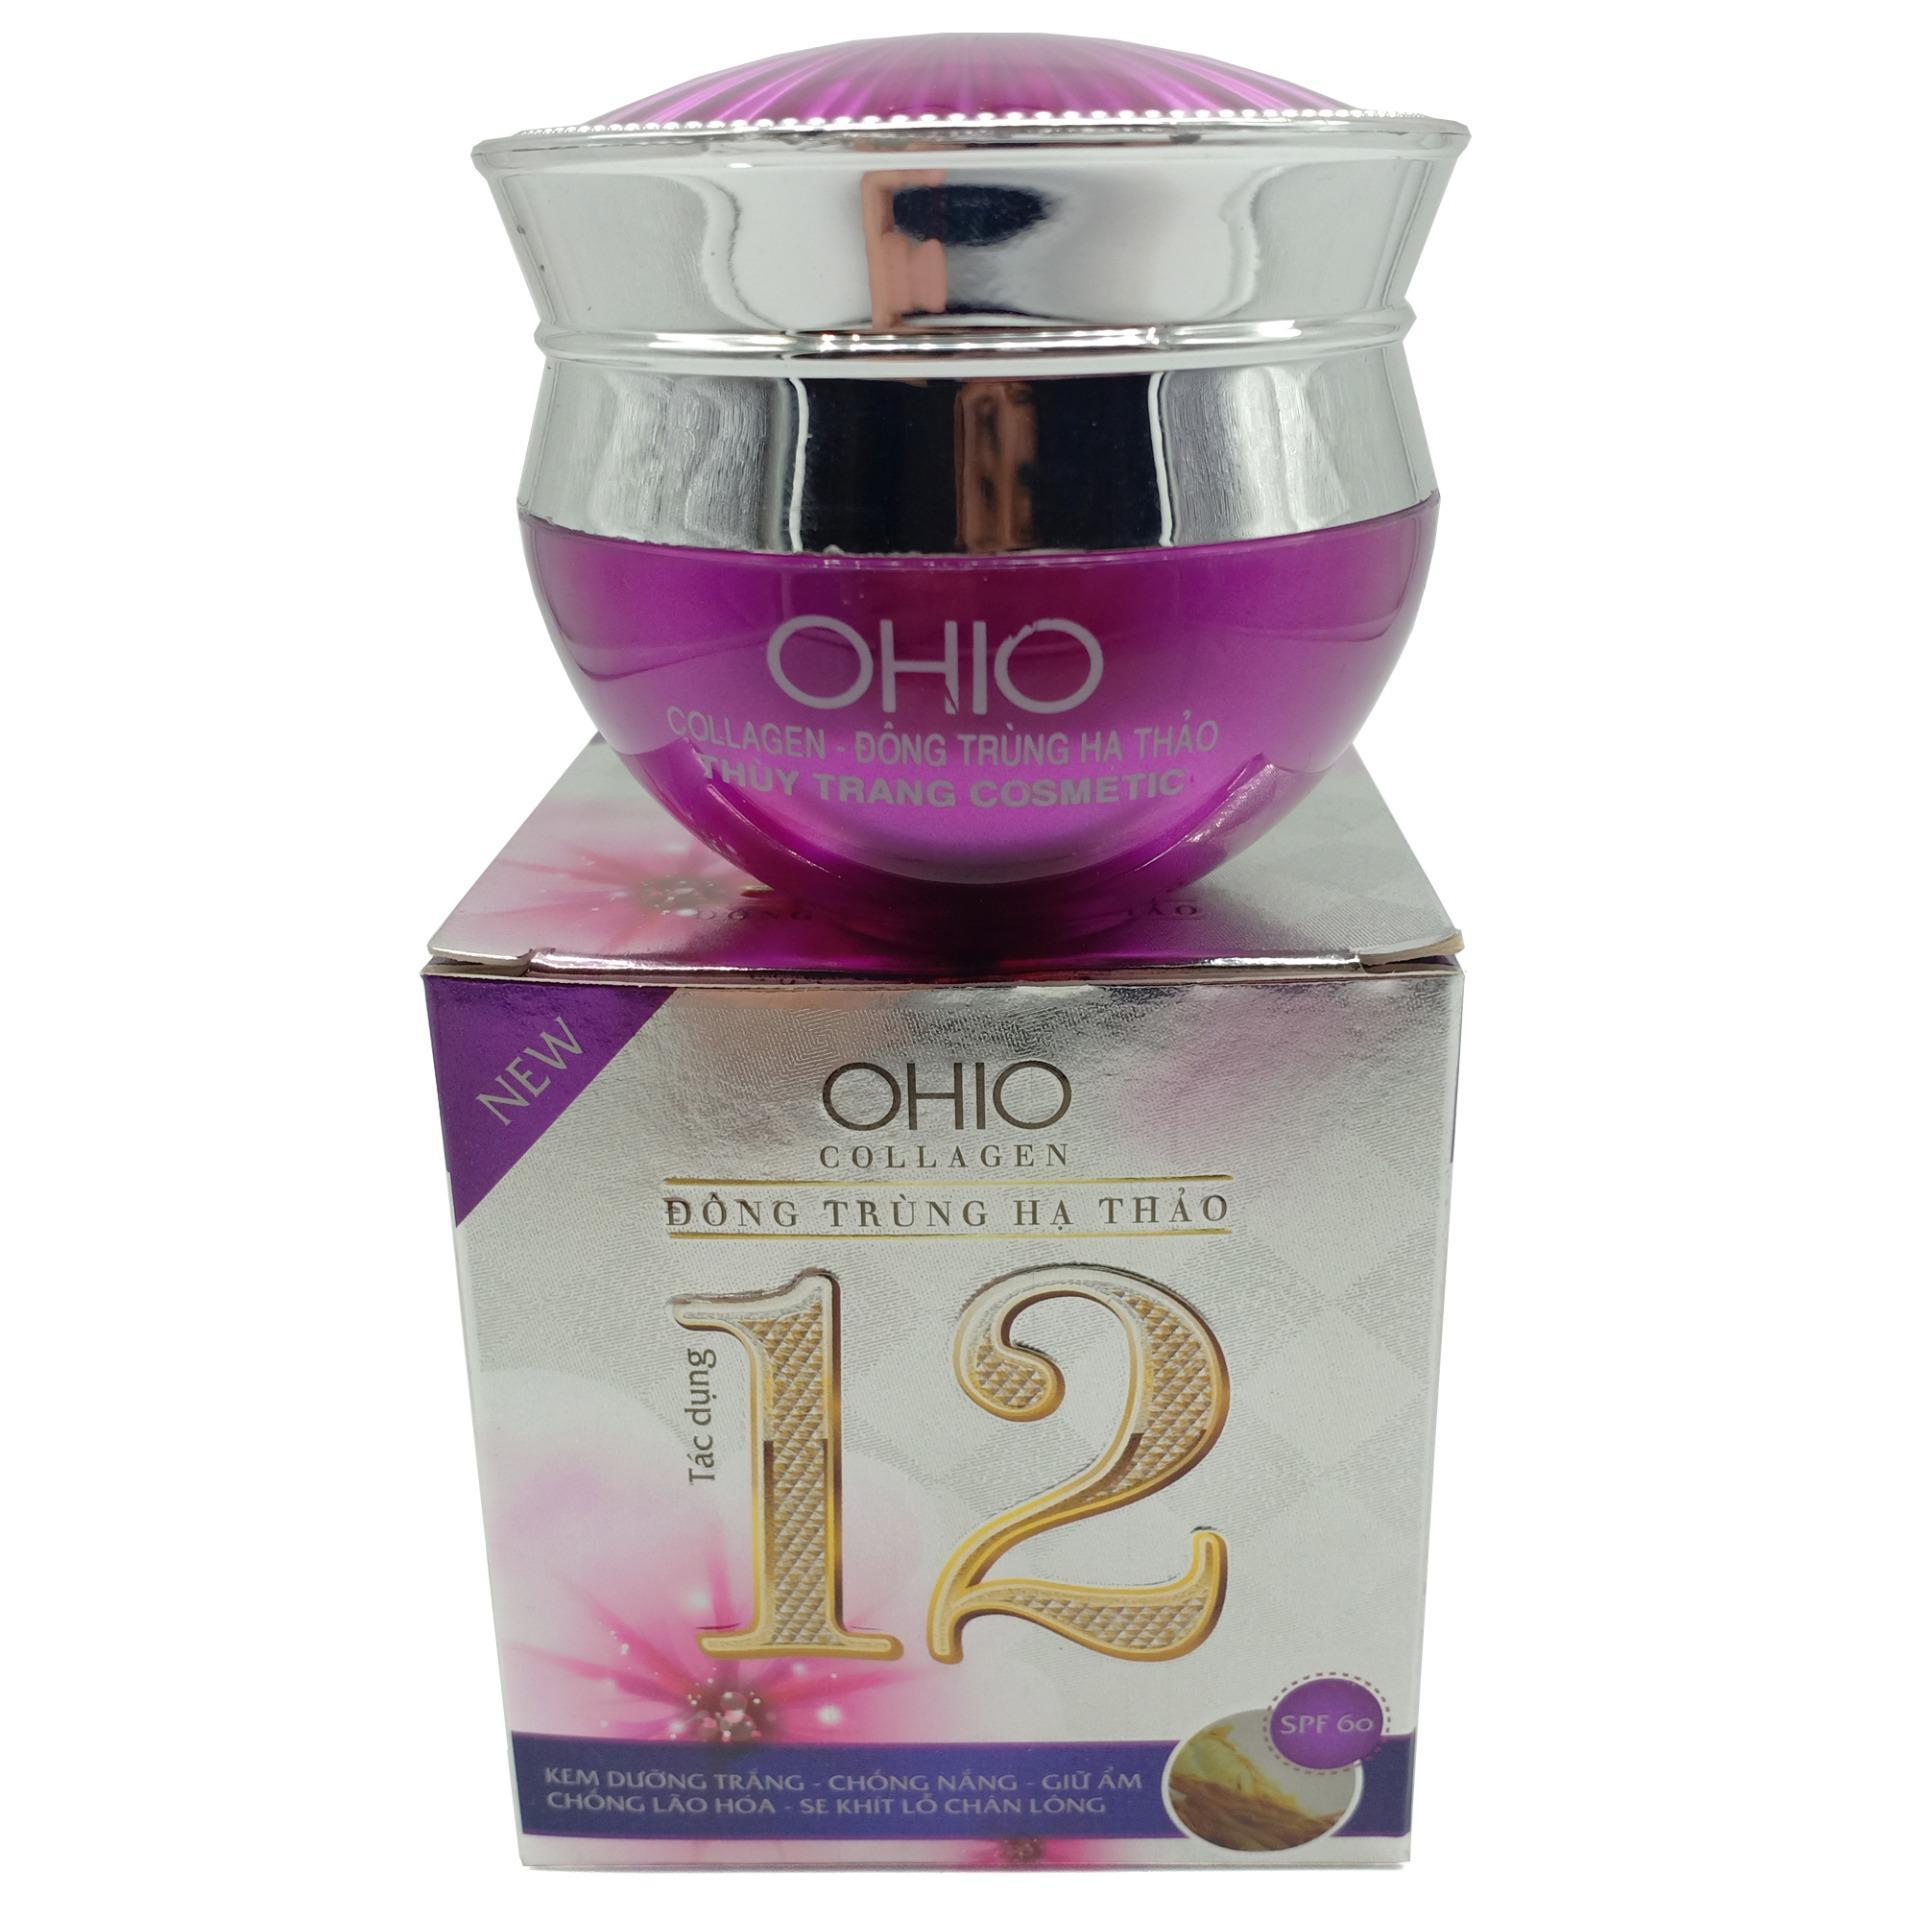 Kem dưỡng trắng - Chống nắng - Giữ ẩm - Chống lão hóa - Se khít lỗ chân lông 12 tác dụng Ohio Collagen - Đông trùng hạ thảo 30g